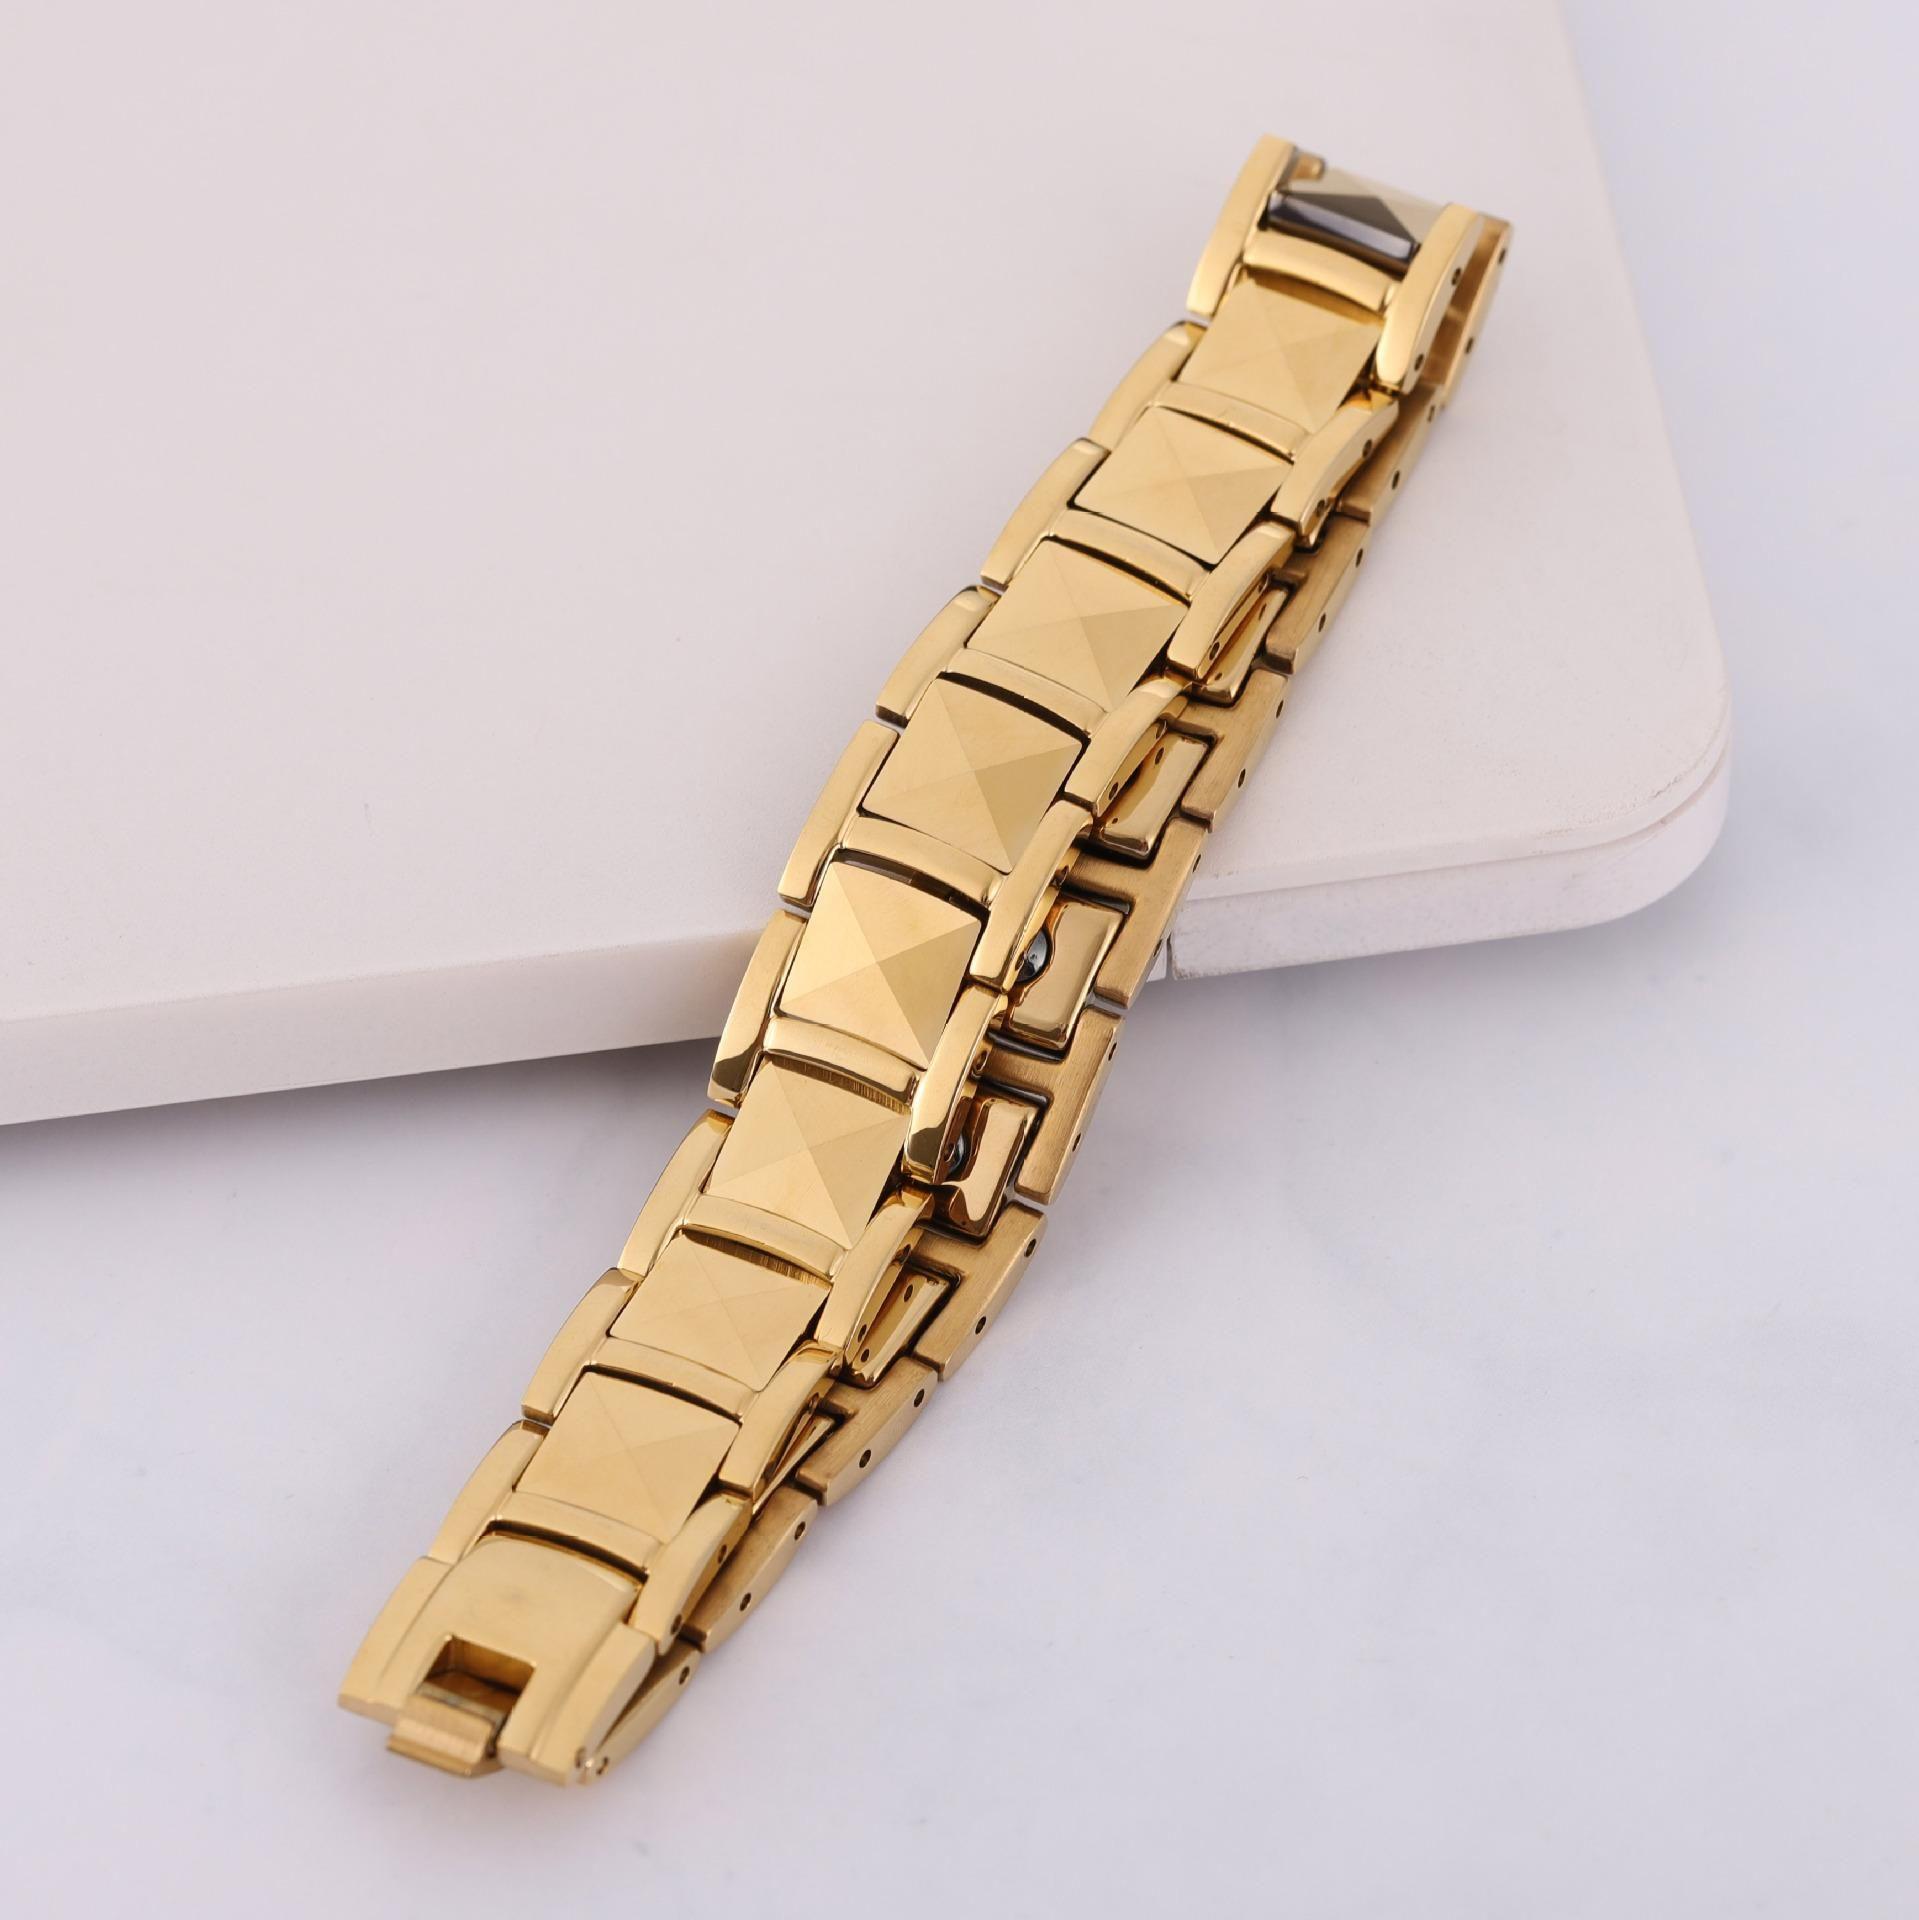 de aço inoxidável dos homens de qualidade H44 Brand new Top pulseiras de aço inoxidável pulseiras magnéticas de aço inoxidável CZ cerâmica pulseiras GZMW07